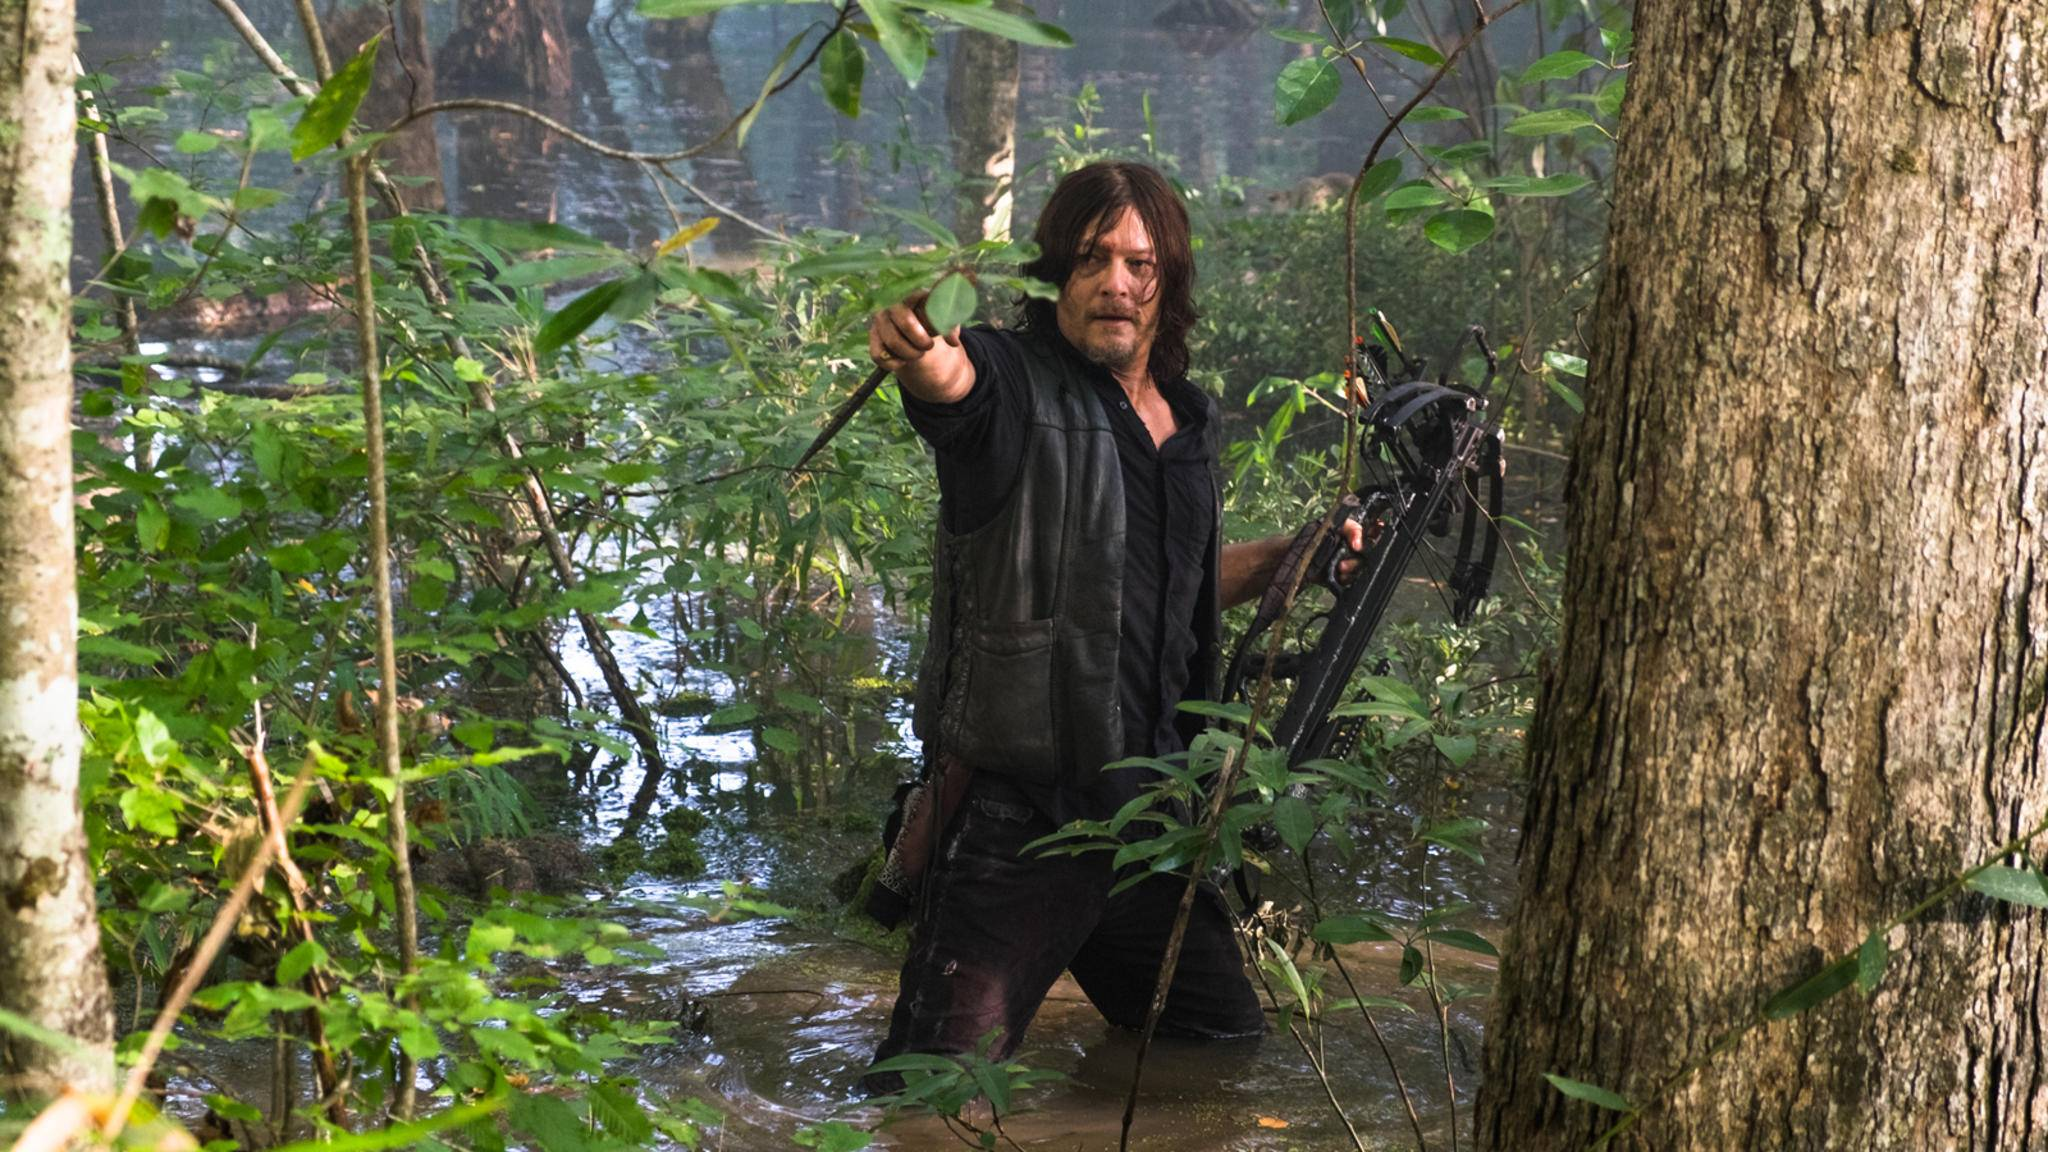 Trotzdem versucht Daryl in Episode 11, einen sicheren Weg zu finden.